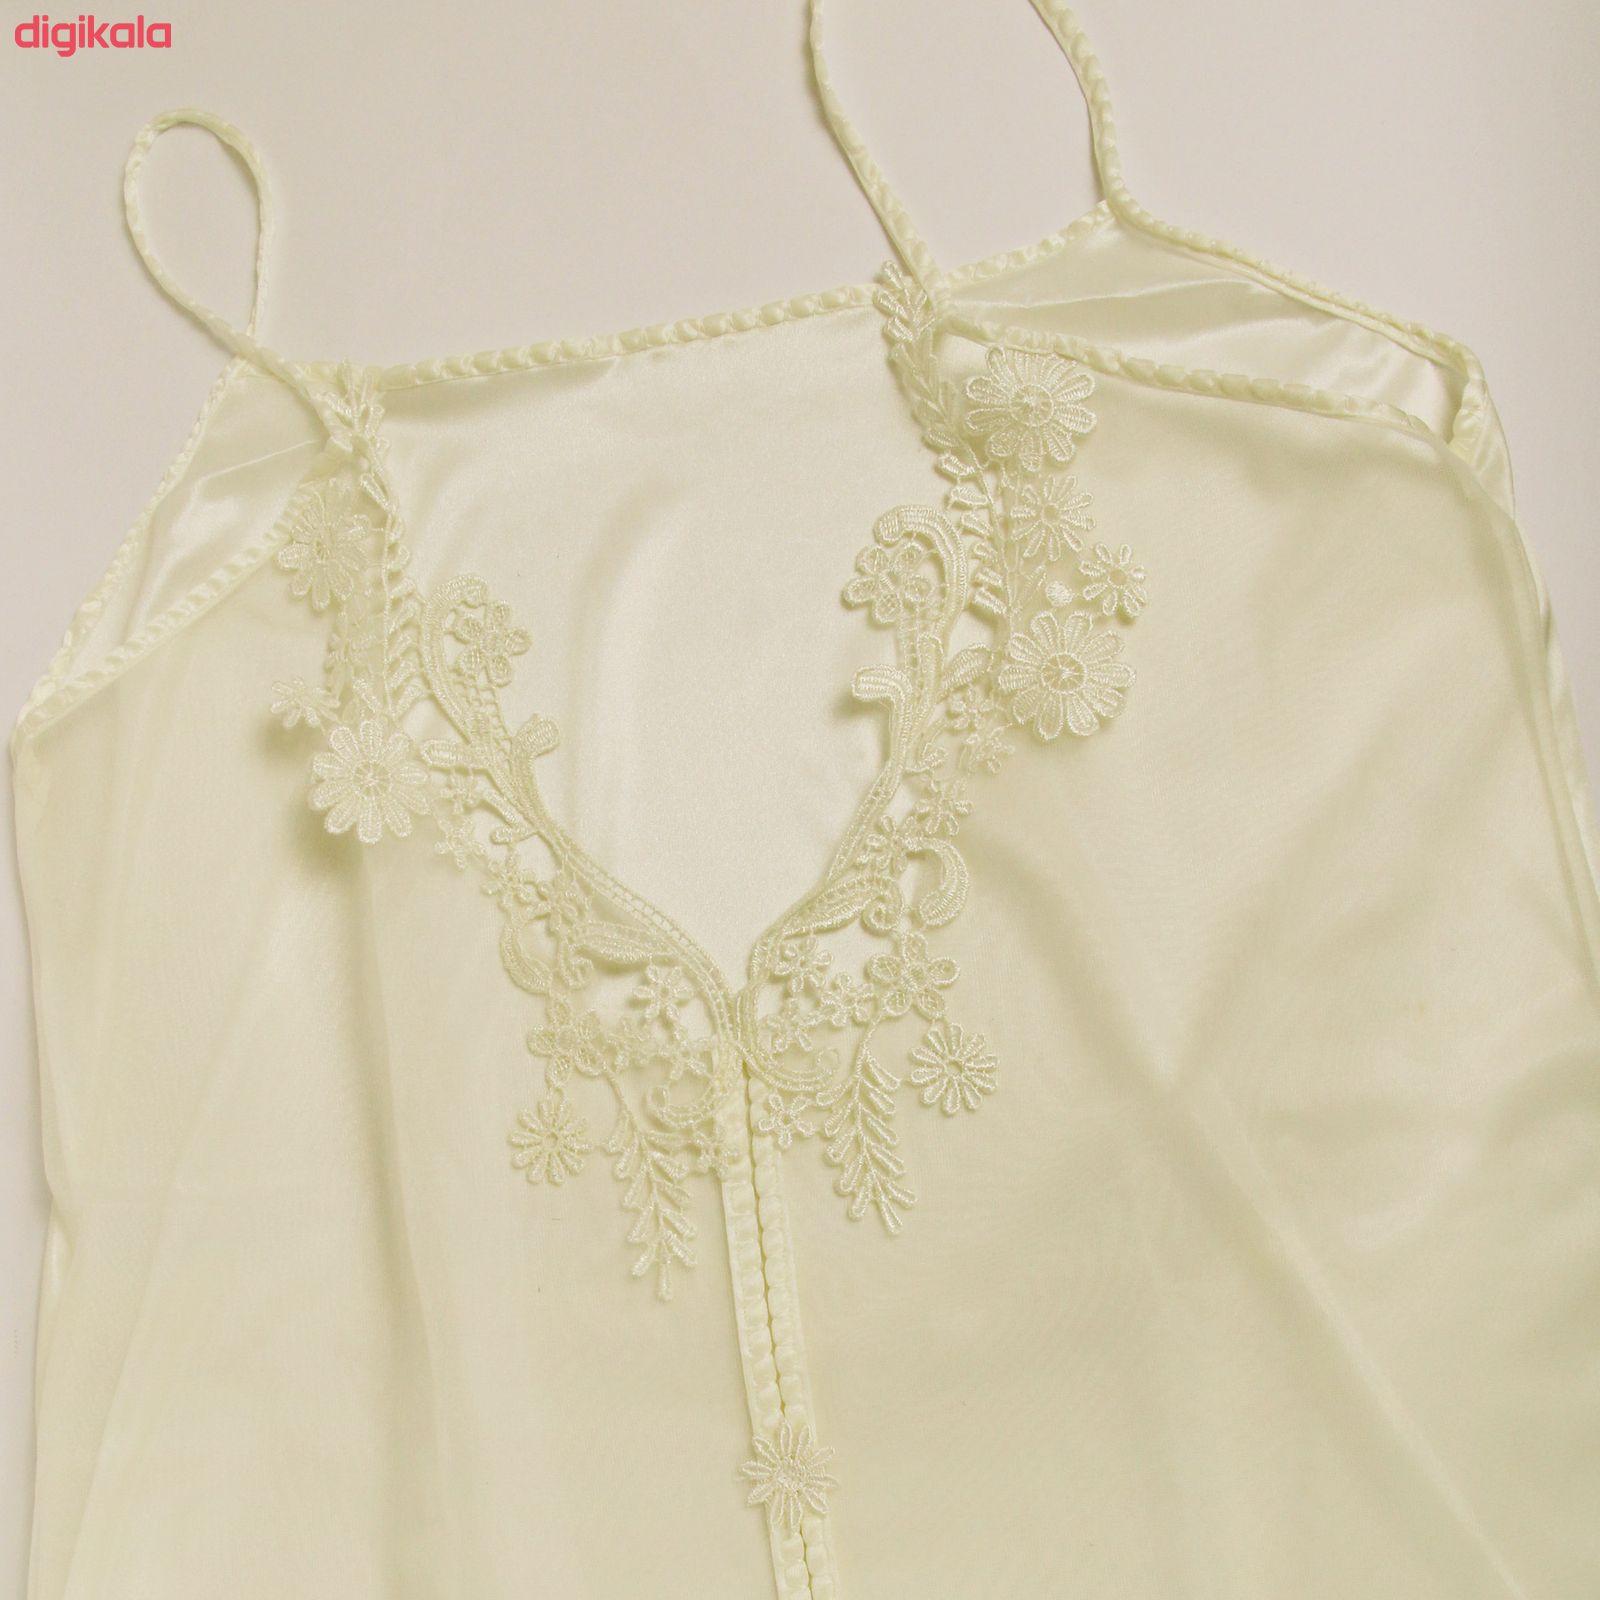 لباس خواب زنانه ماییلدا مدل 3600-1 main 1 3